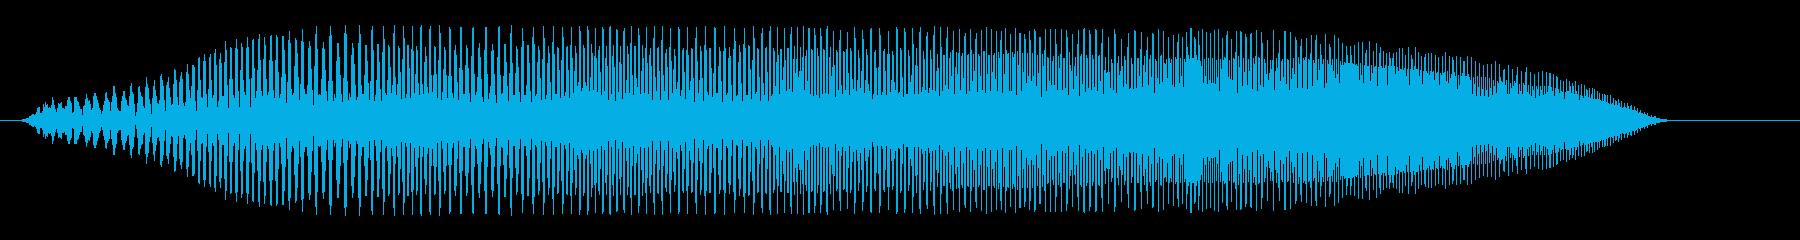 プヨプヨプヨ(成長)の再生済みの波形